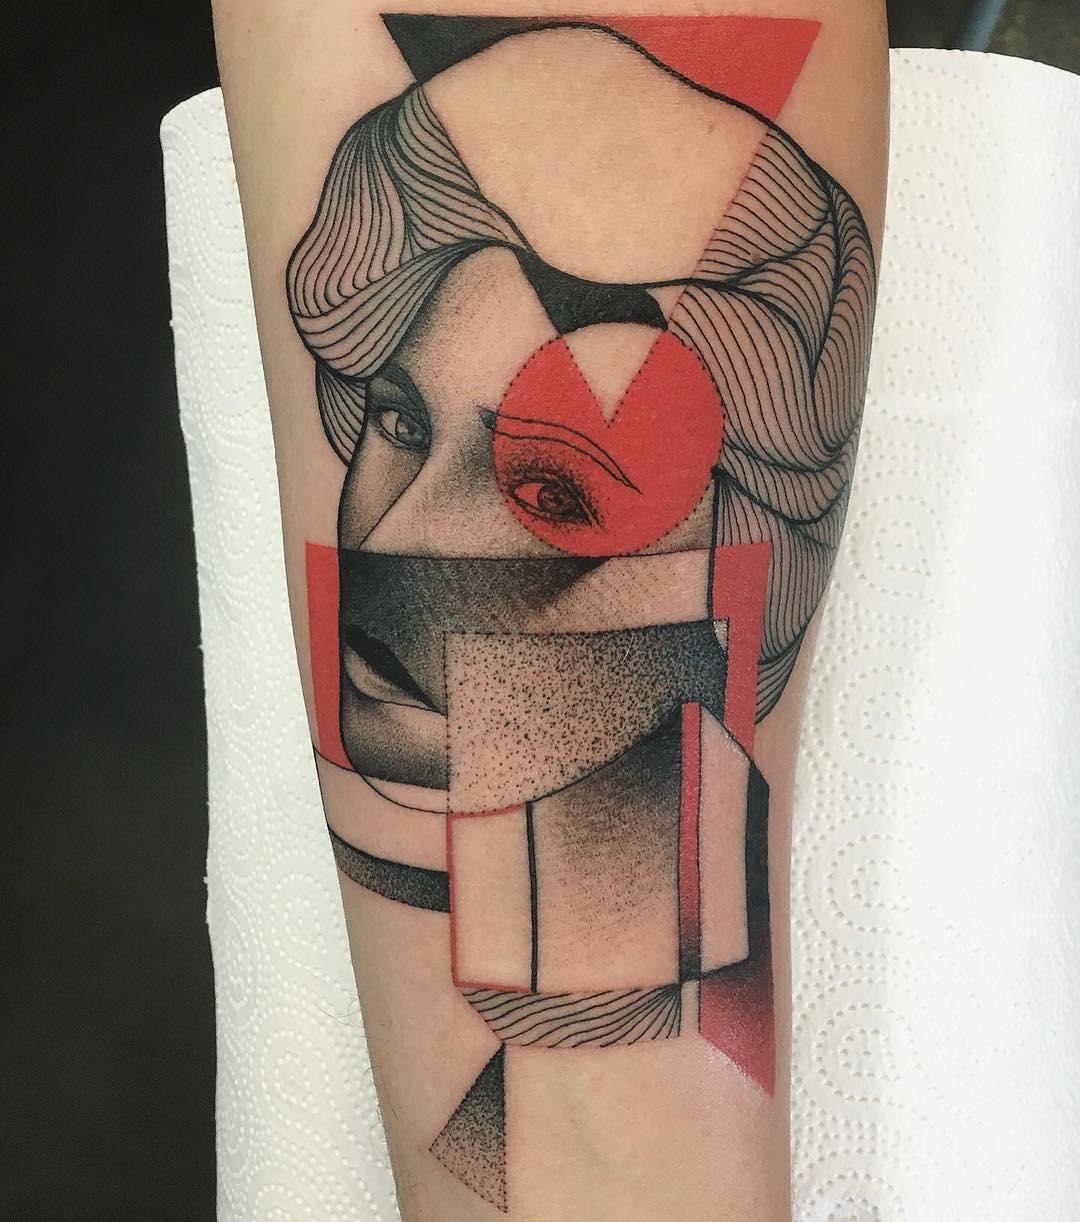 Poetic Tattoos by Mariusz Trubisz